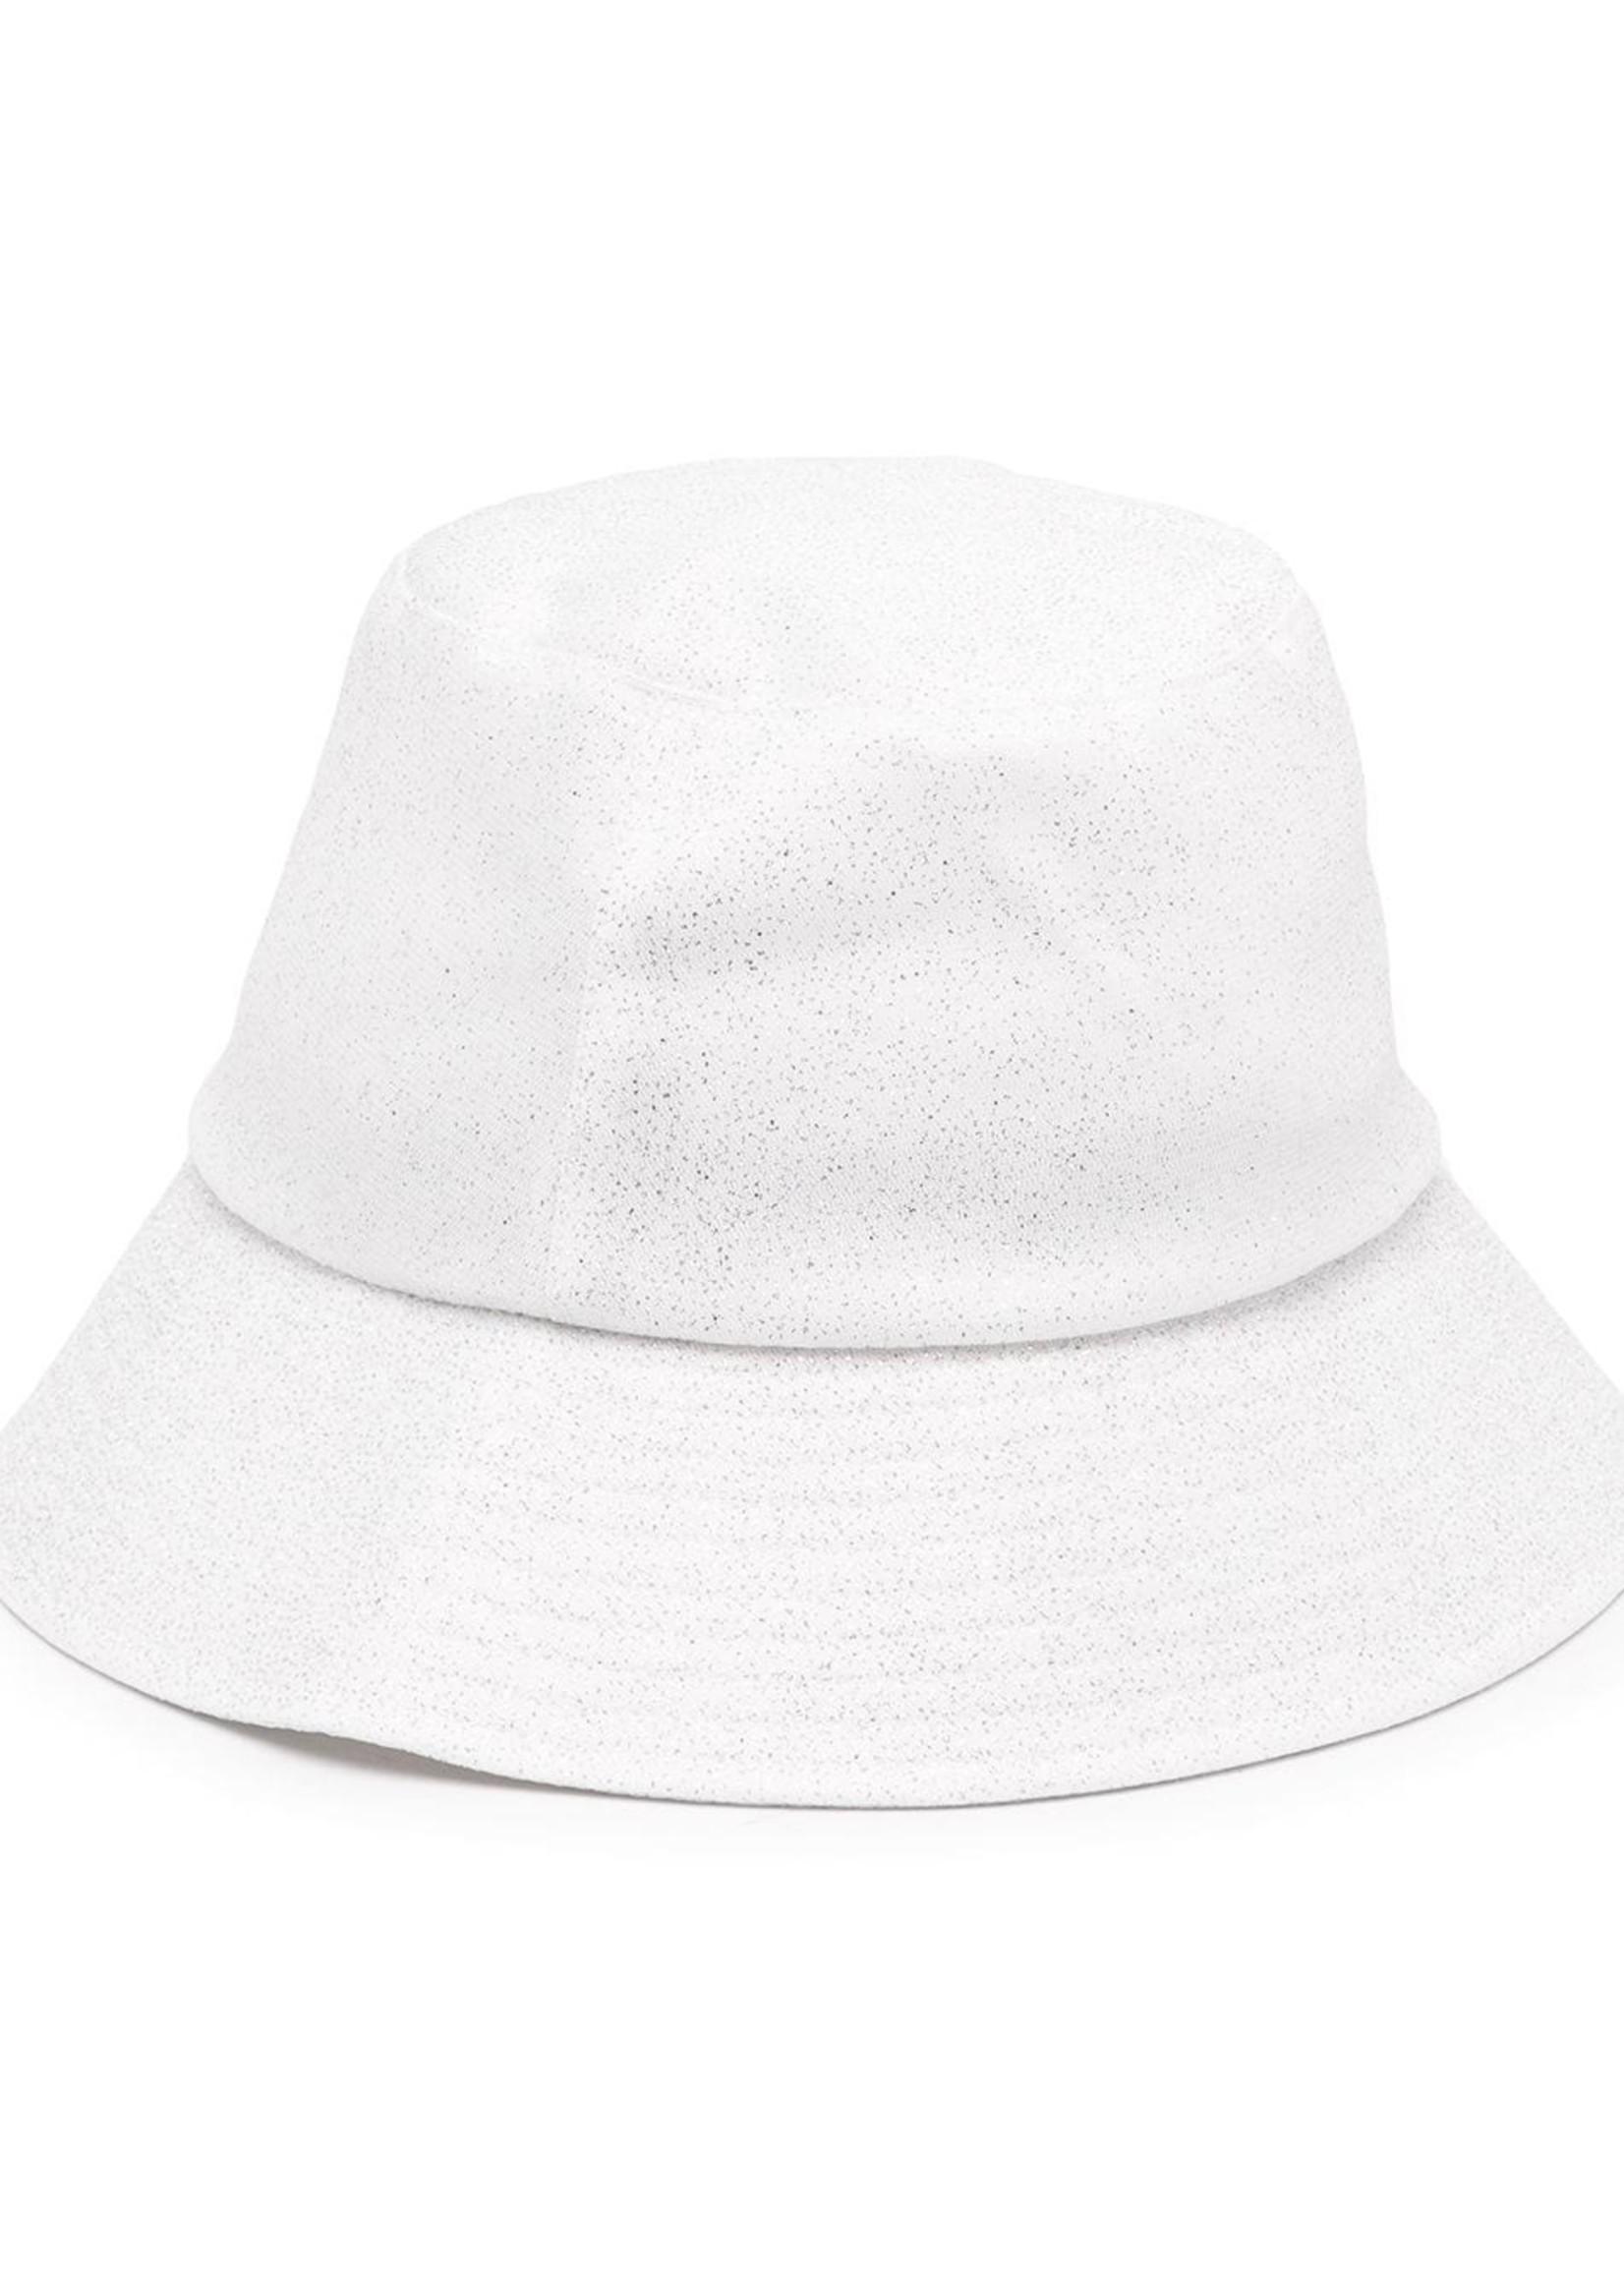 EUGENIA KIM THE TOBY BUCKET HAT IN WHITE SPARKLE - EUGEINA KIM